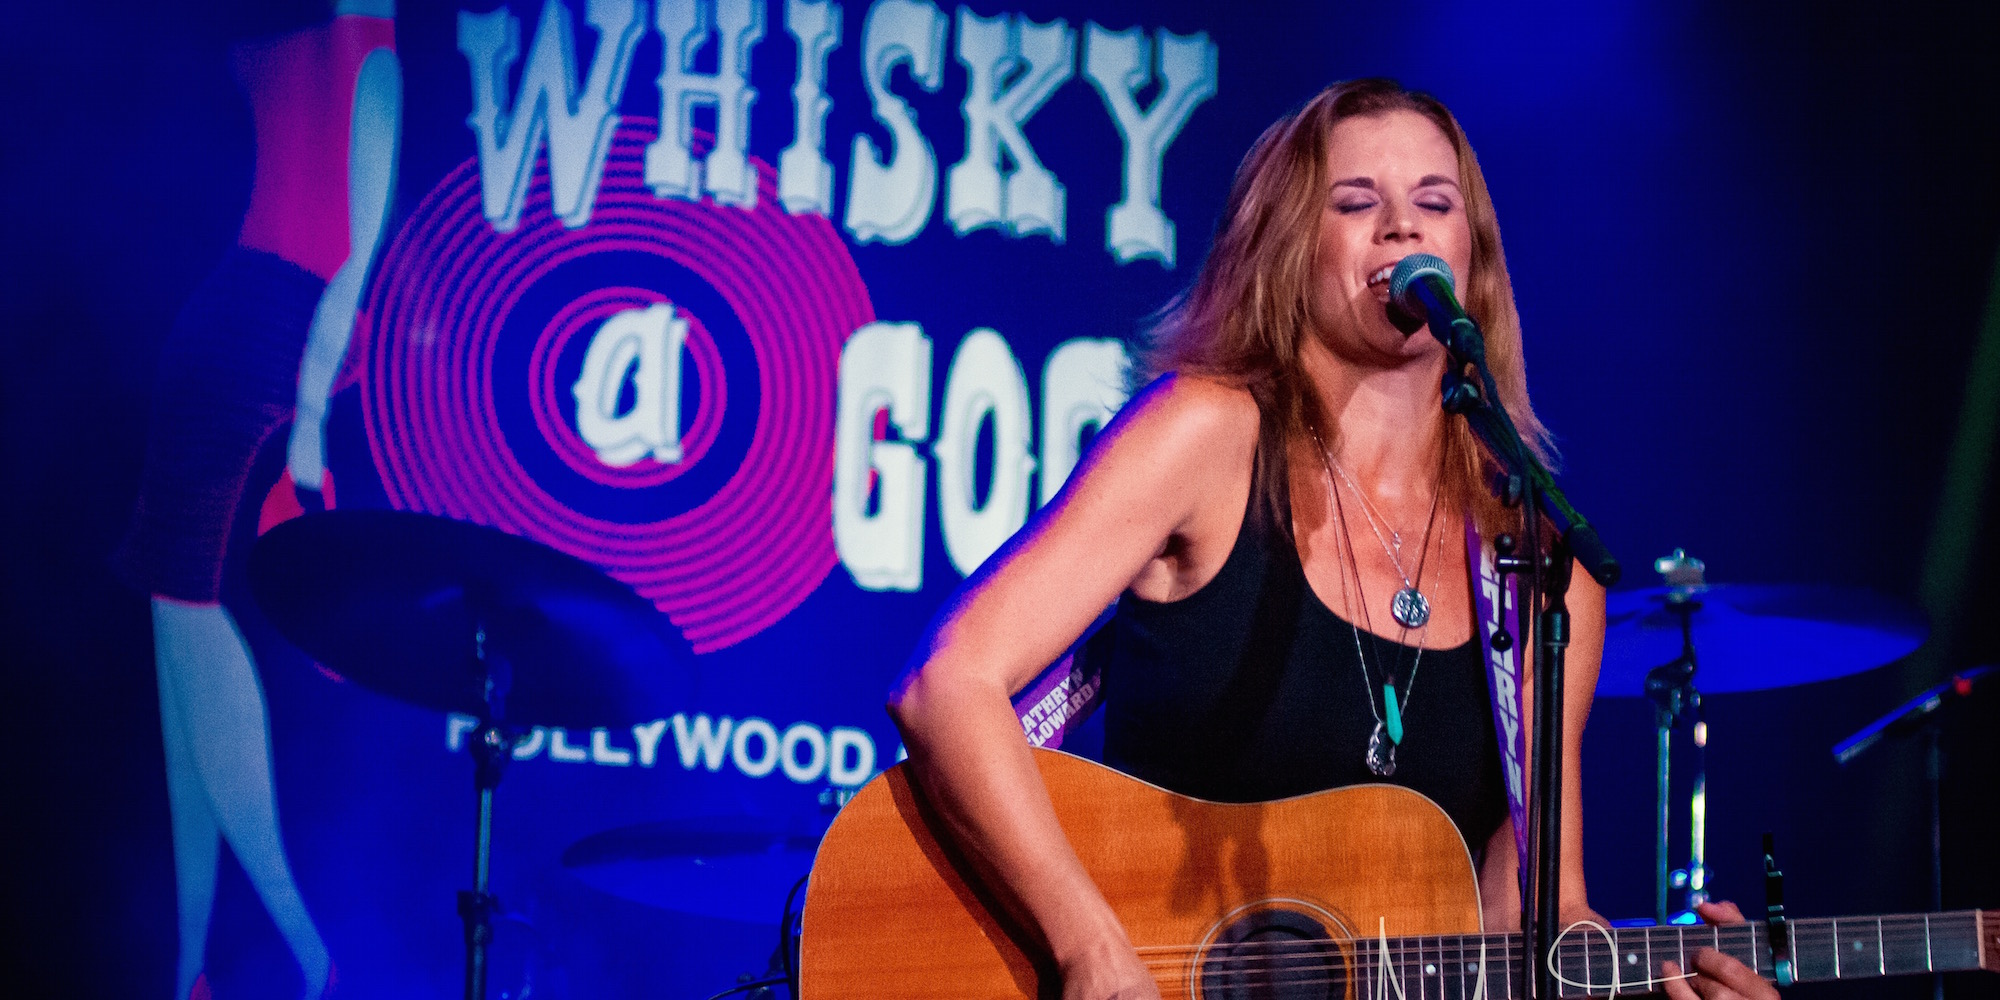 Kathryn Cloward Band at The Whisky A Go Go 9.13.2017 2000 x 1000